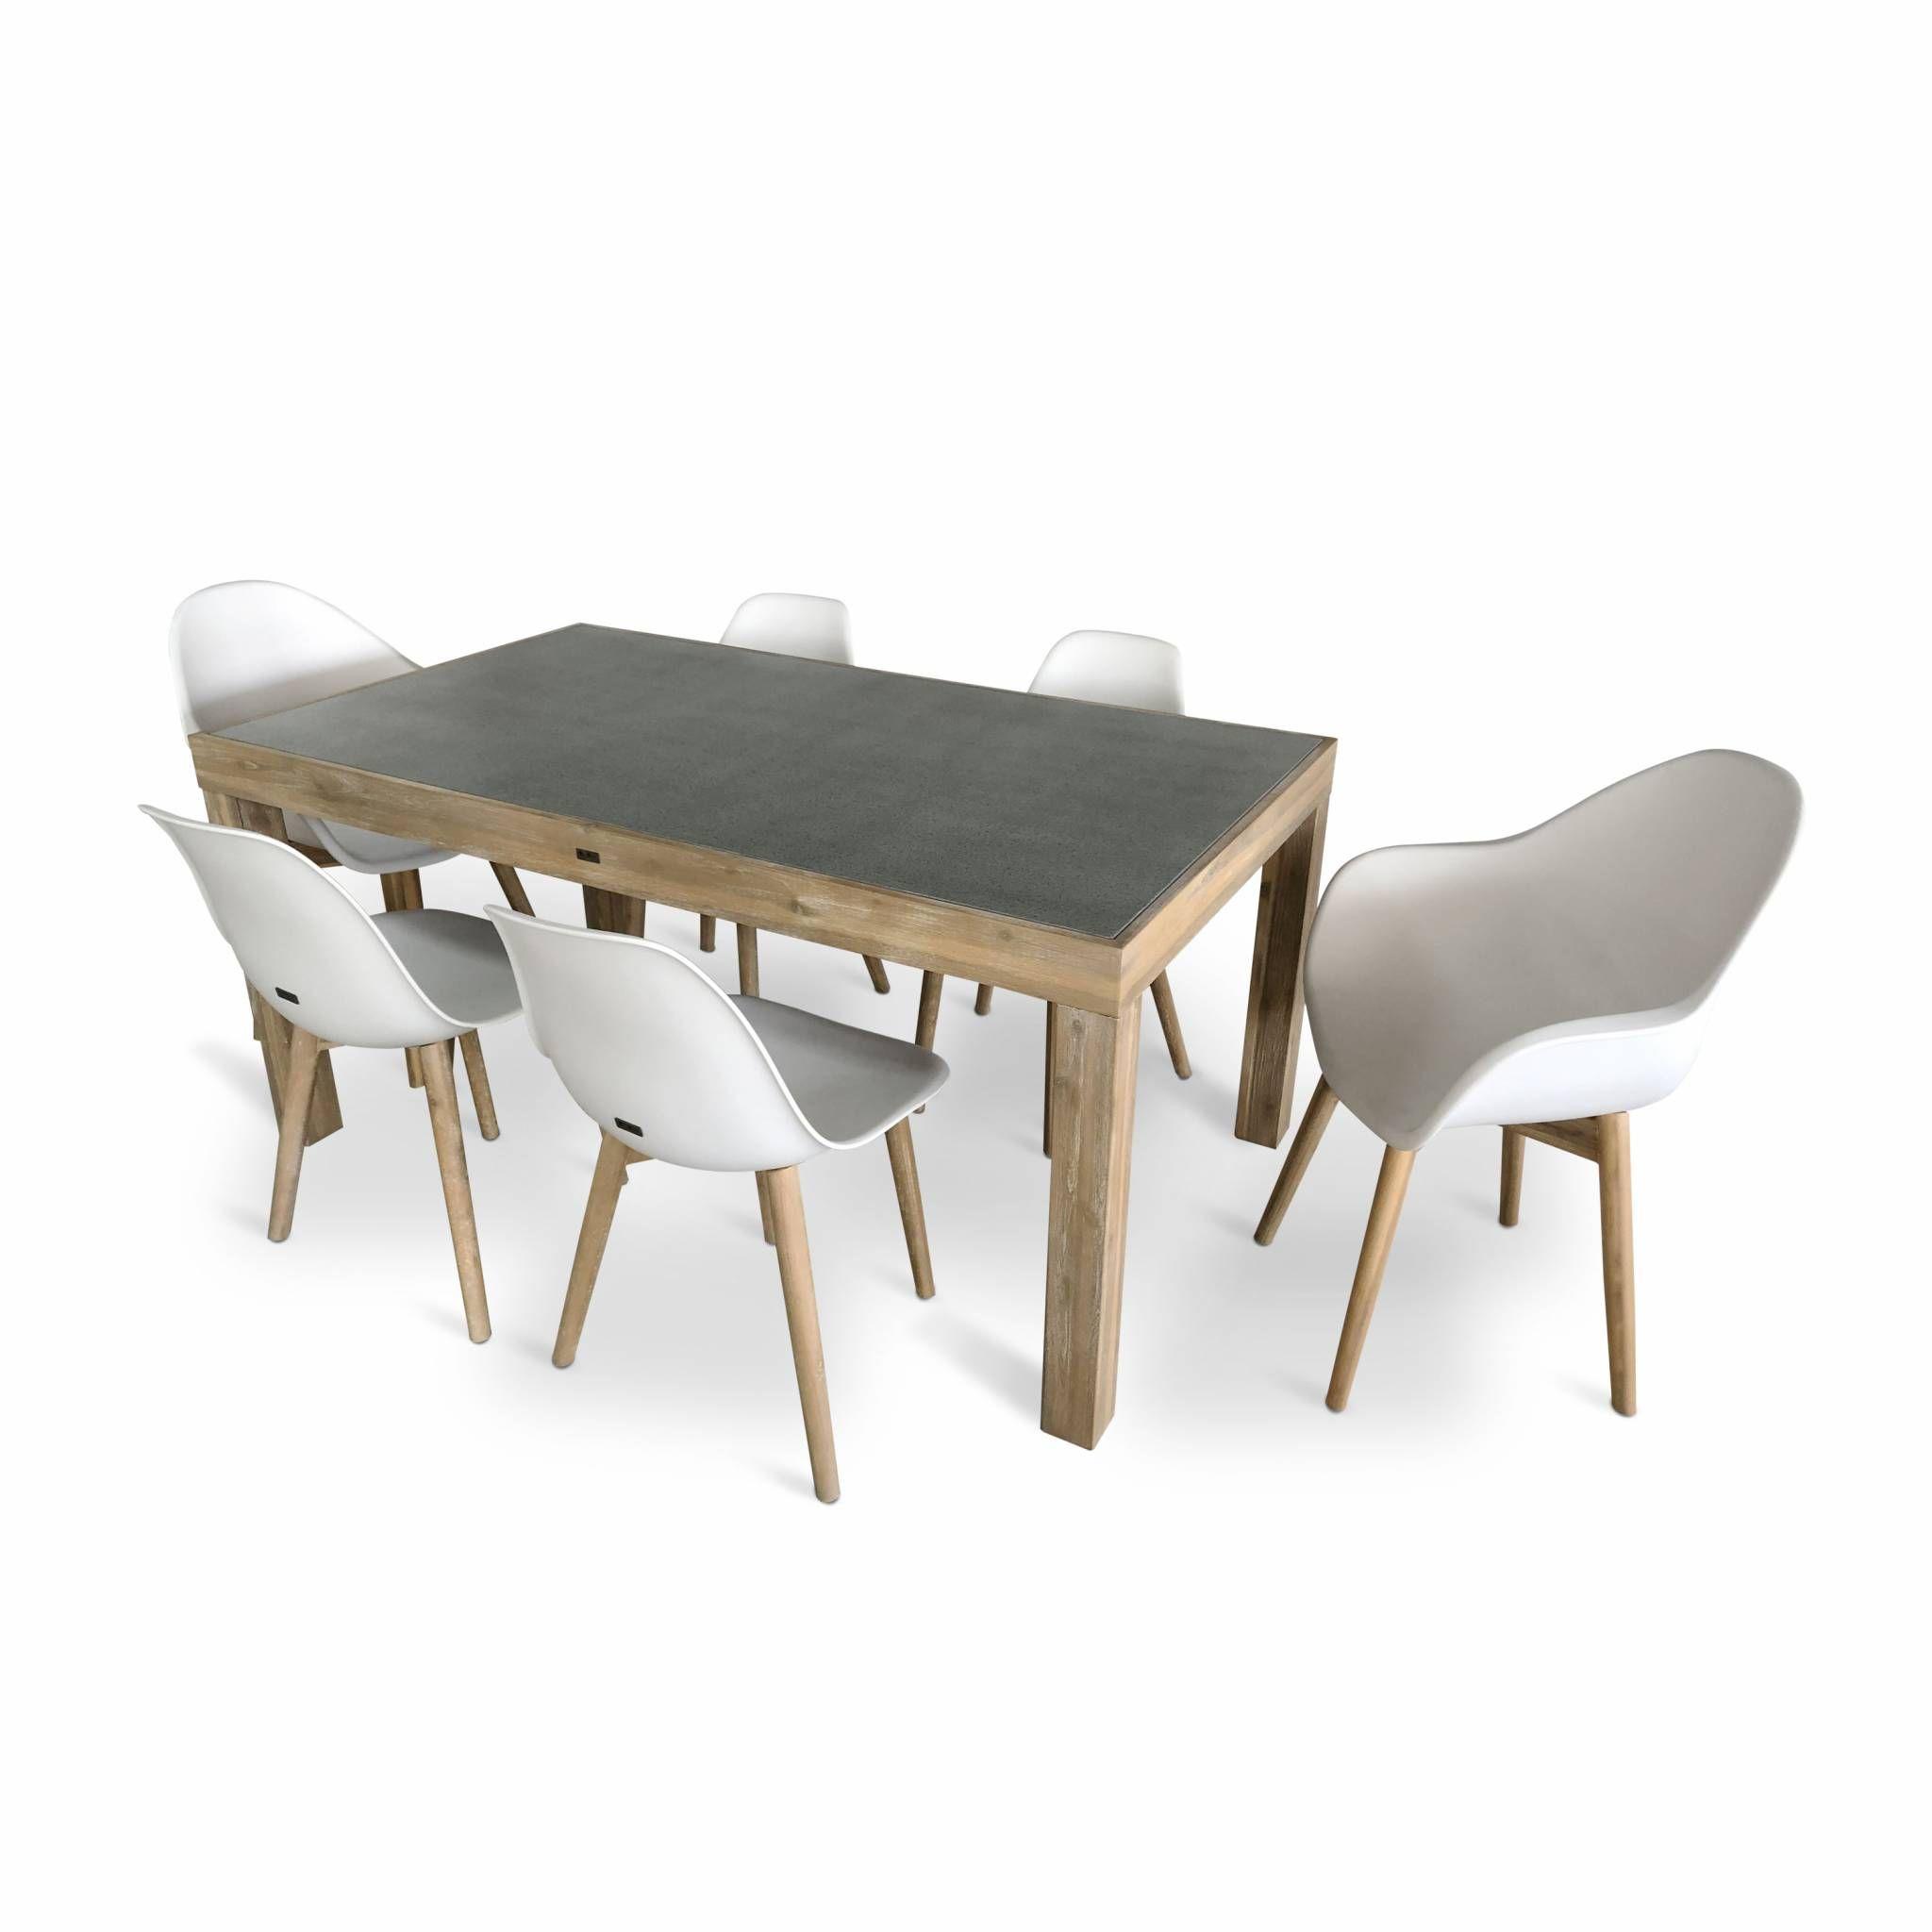 Table de jardin en acacia massif et plateau effet béton 160 cm – Sumba – 2 fauteuils et 4 chaises scandinaves blancs Penida